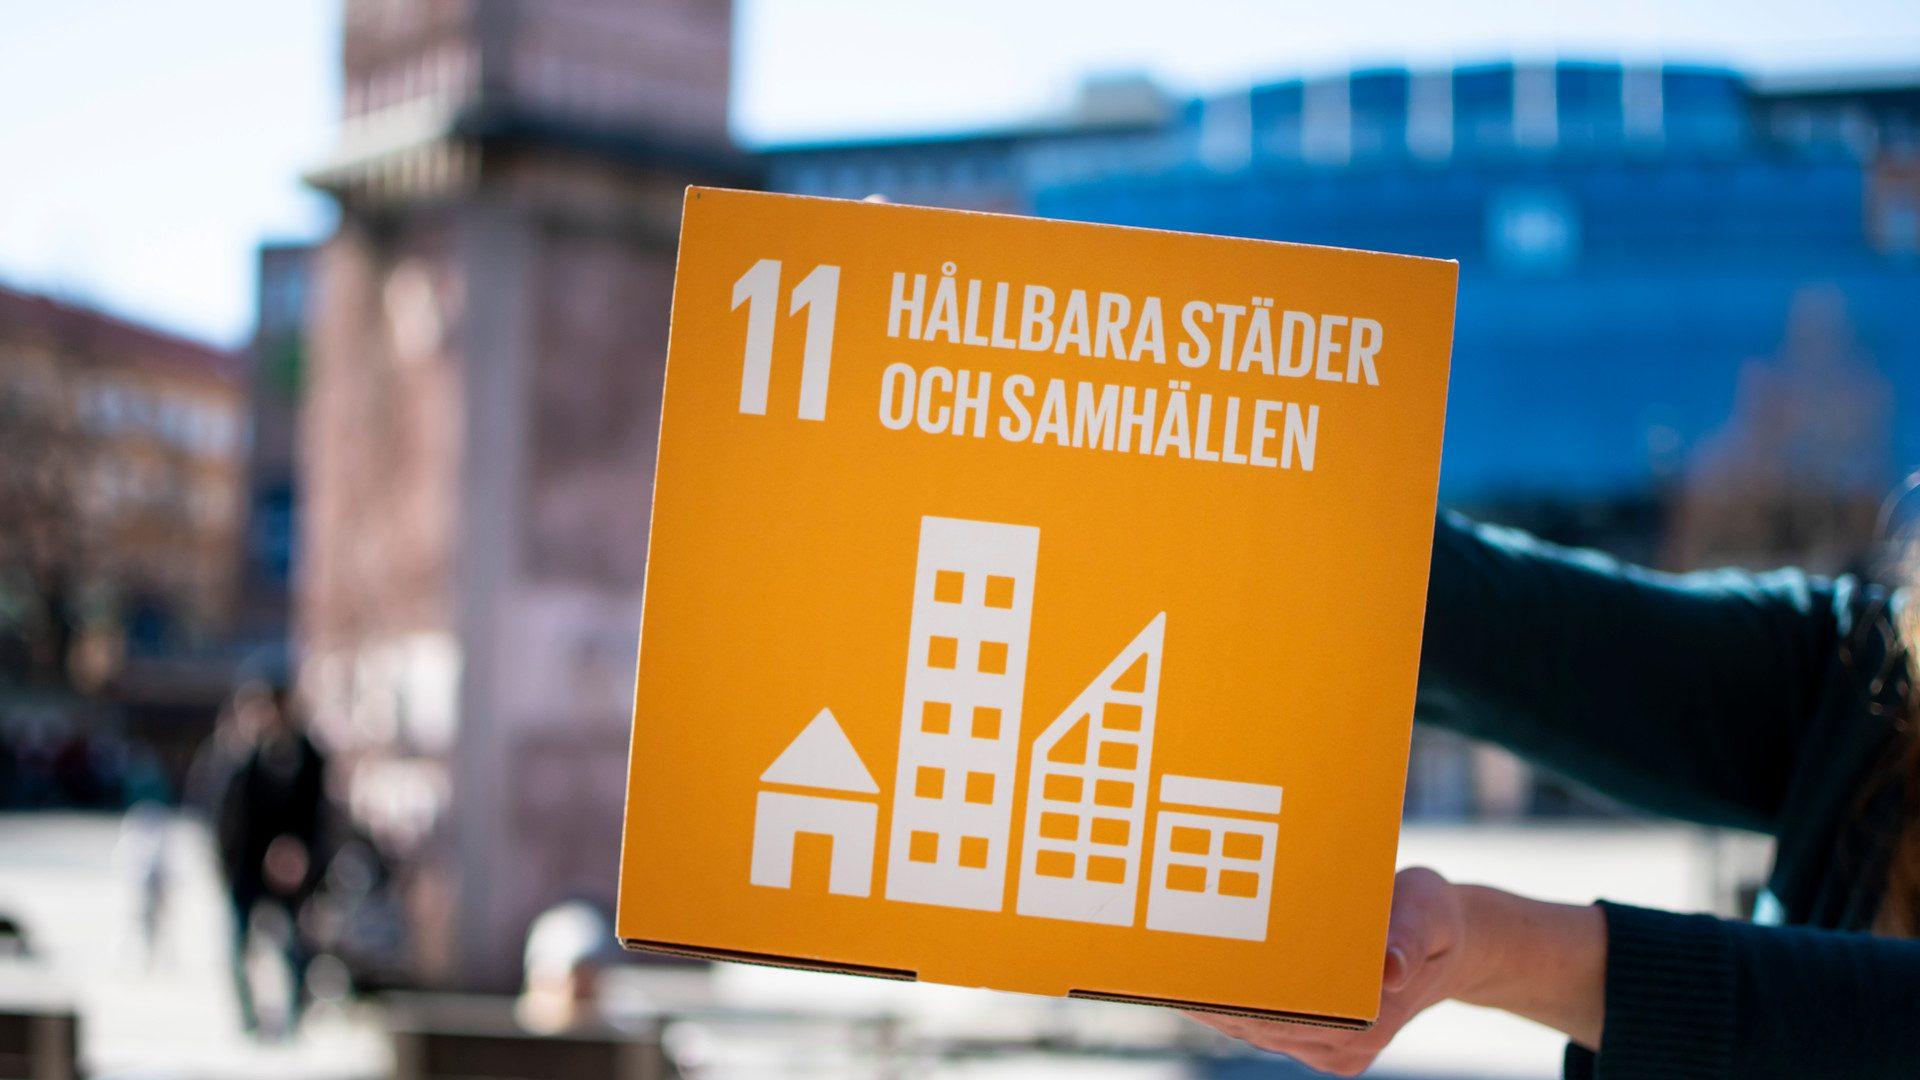 En skyld med texten Hållbara städer och samhällen hålls upp på Stortorget i Gävle.